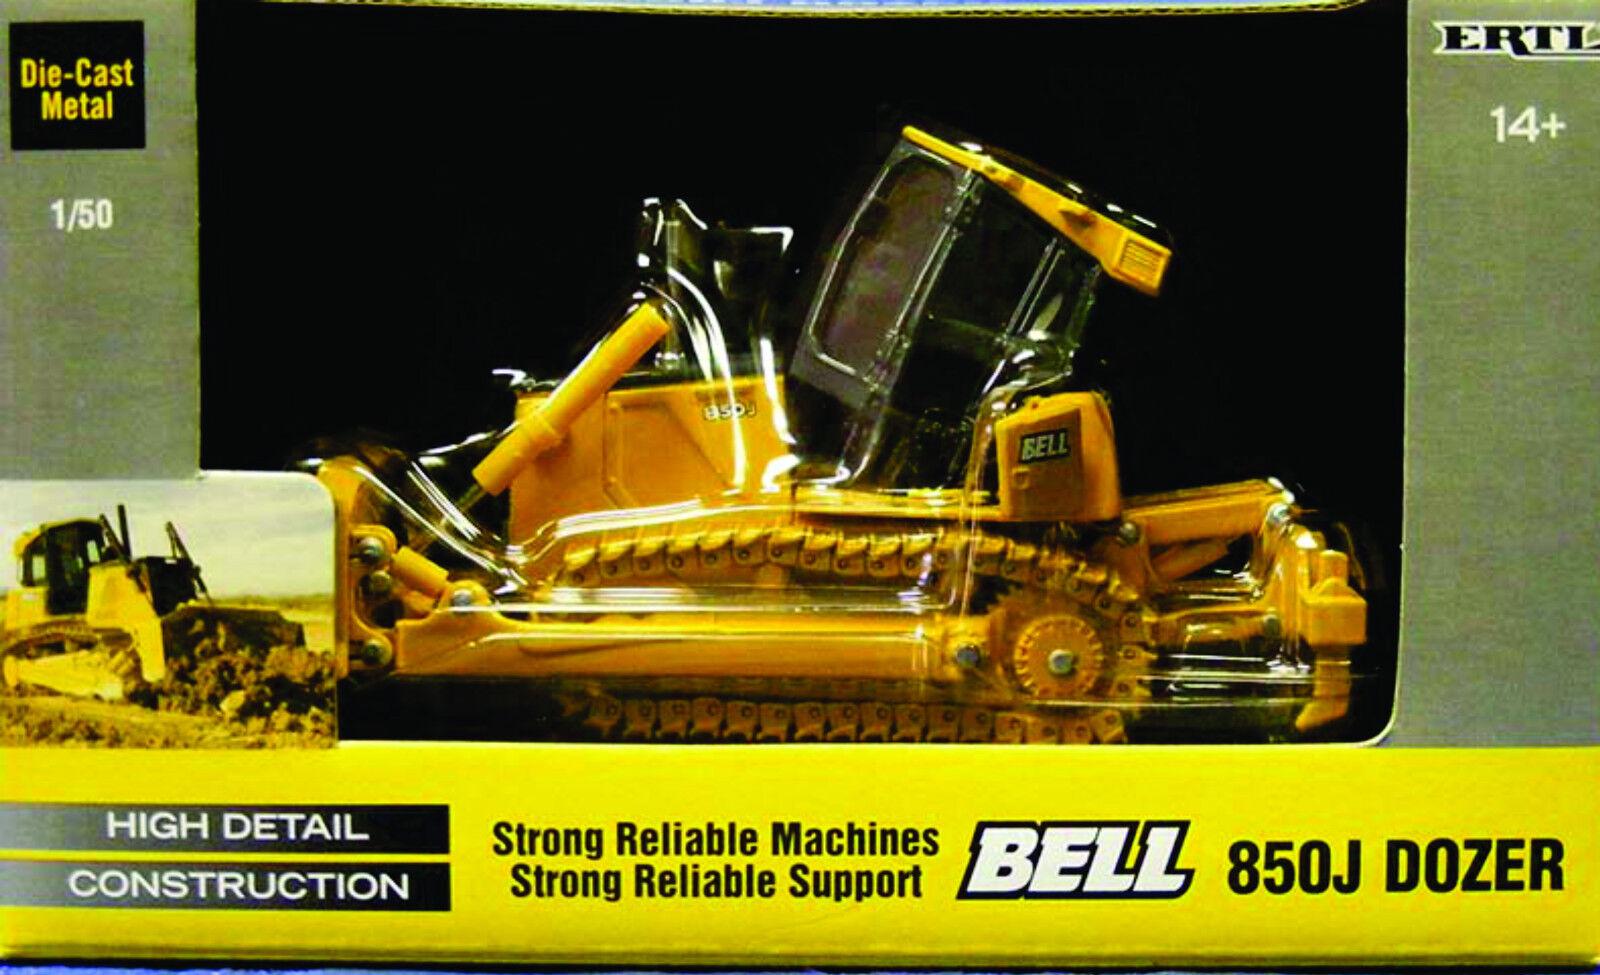 BELL 850J DOZER   1 50 Scale by ERTL